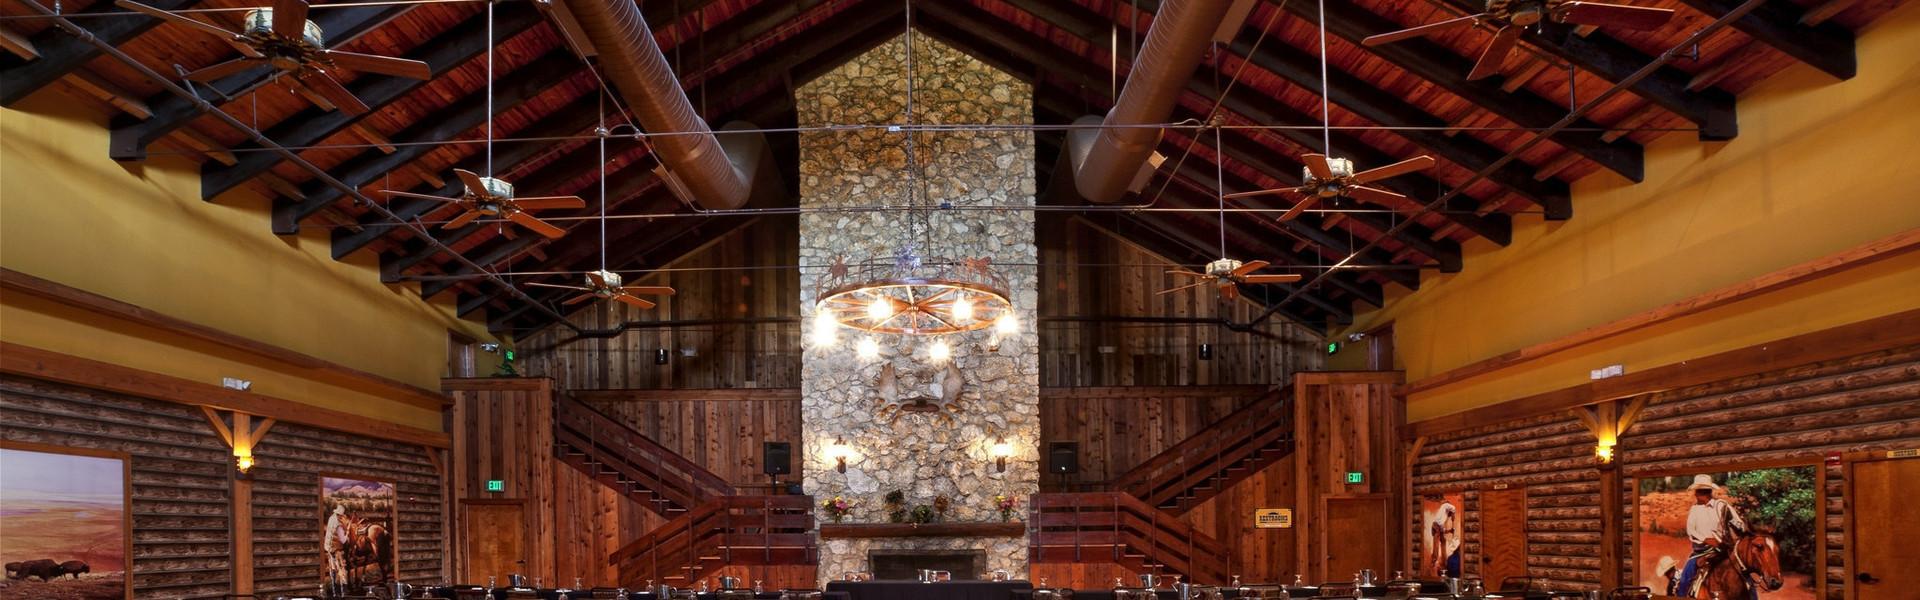 A Unique Outdoor Rustic Wedding Reception Venue | Hall At River Ranch